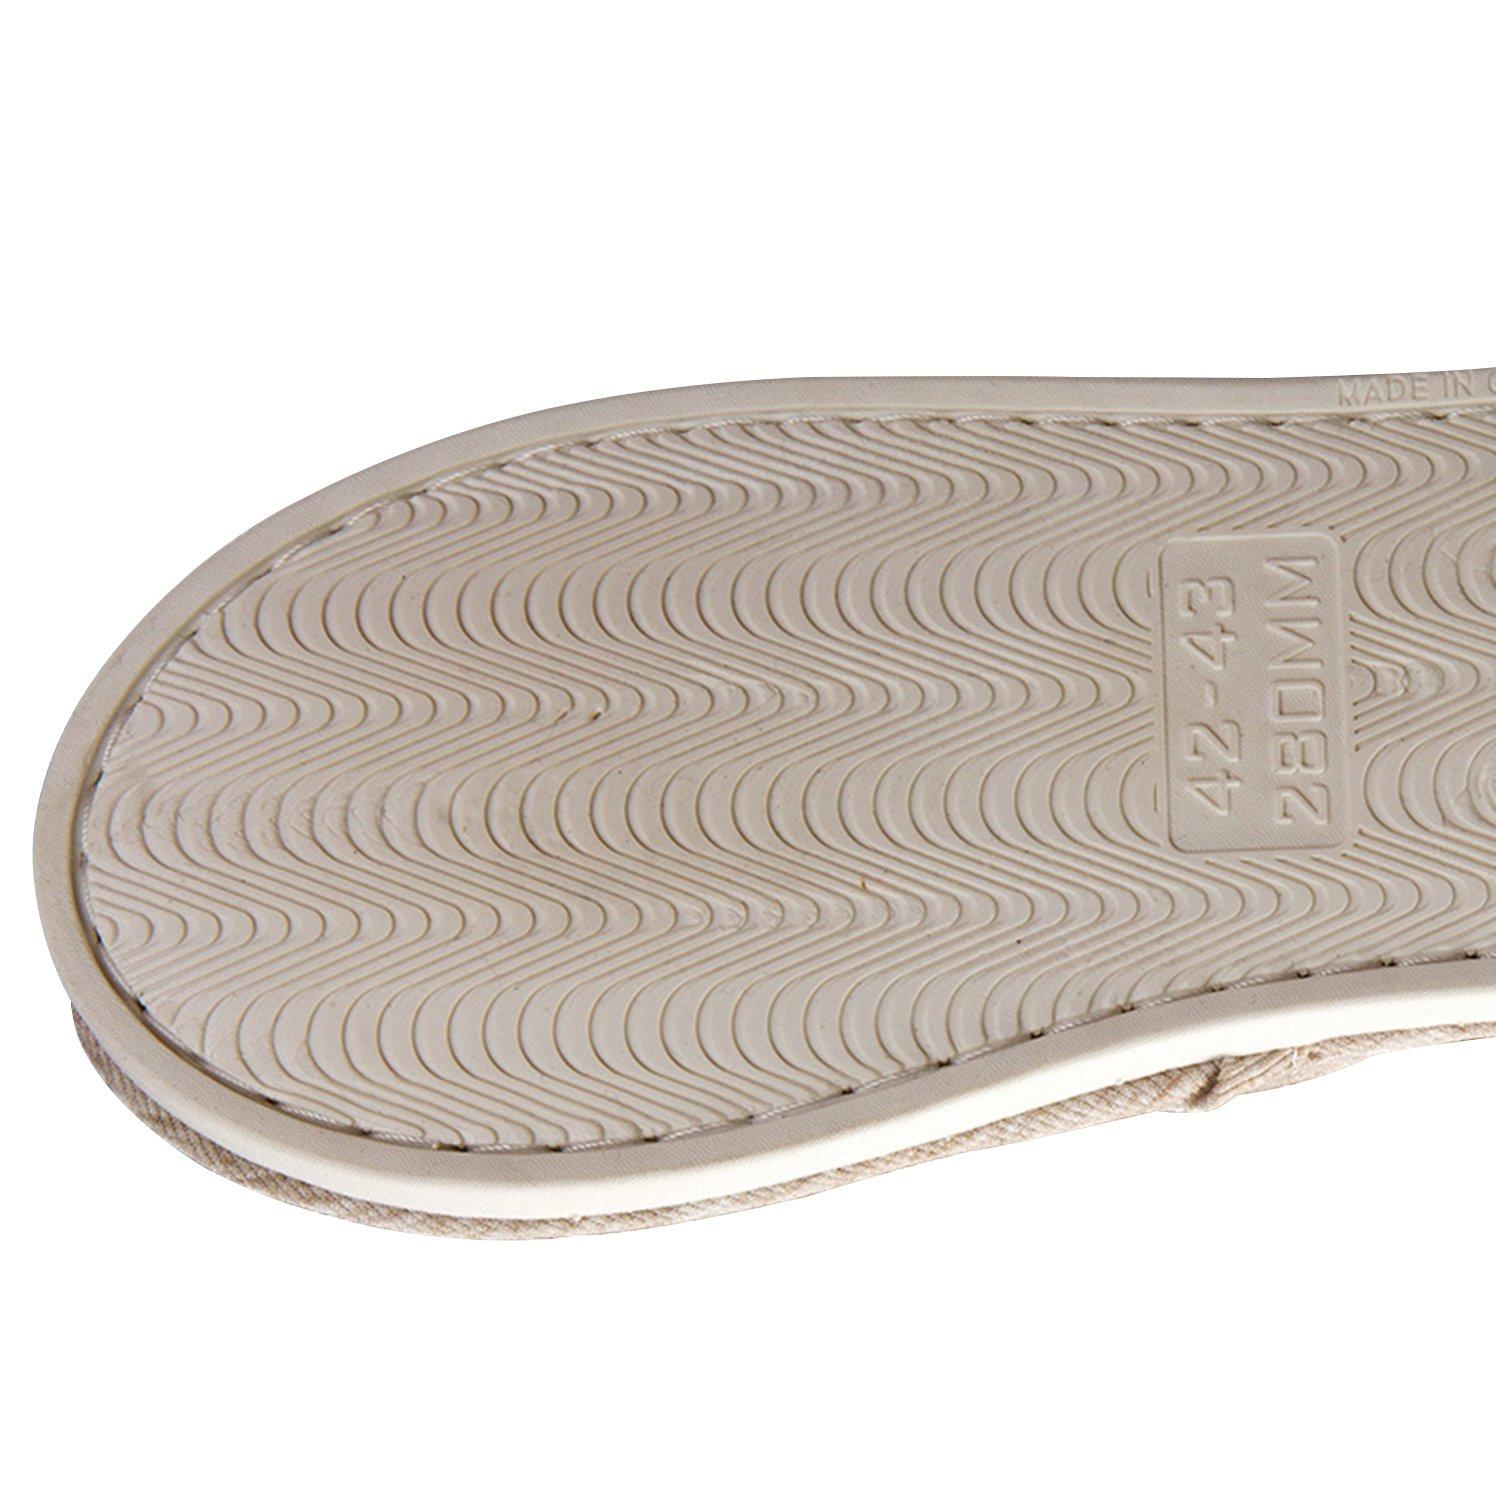 ONCAI Men's Cotton Linen Couple House Slipper Open Toe Terry Slipper (9-10.5 D(M) US, Gray-2) by ONCAI (Image #6)